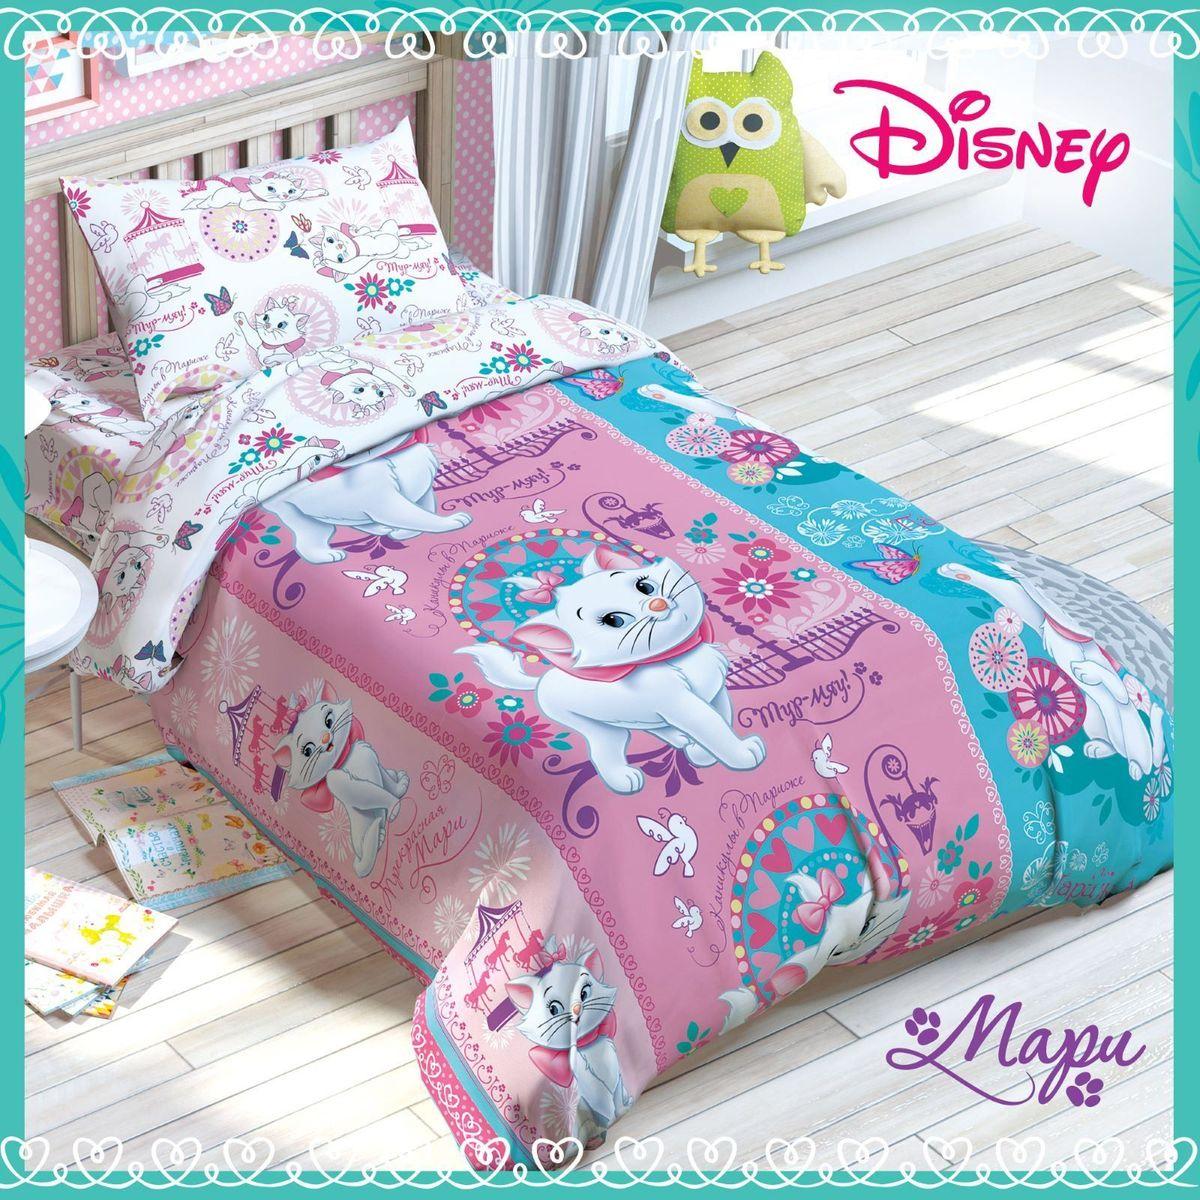 Disney Комплект детского постельного белья Мари 1,5 спальное1317325Постельное бельё для самой милой и очаровательной девчонки! Превратить детскую в настоящую сказочную страну, подарить маленькой поклоннице диснеевских мультфильмов сны, полные удивительныхприключений и волшебства, обеспечить дочке комфорт и уют на протяжении всей ночи — всё это легко сделать с комплектом Бемби. Бельё изготовлено на современном оборудовании в России под тщательным контролем на каждой стадии производства. В работе использовалсятолько натуральный, экологически чистый хлопок и безопасные европейские красители. Именно поэтому комплект:невероятно приятный на ощупь, подходит для детей с чувствительной кожей; позволяет коже дышать; отлично впитывает влагу; не вызывает аллергию; прост в уходе и долговечен. В комплект входит: пододеяльник (143 х 215 см), простыня (150 х 214 см) и одна наволочка (50 х 70 см).При соблюдении простых рекомендаций по уходу за изделием постельное бельё прослужит длительный срок, сохранив яркость красок и нежностьткани. Стирать бельё нужно при температуре не выше сорока градусов без использования отбеливающих средств. Гладить — при температуре неболее 150 °C. Химчистка запрещена.